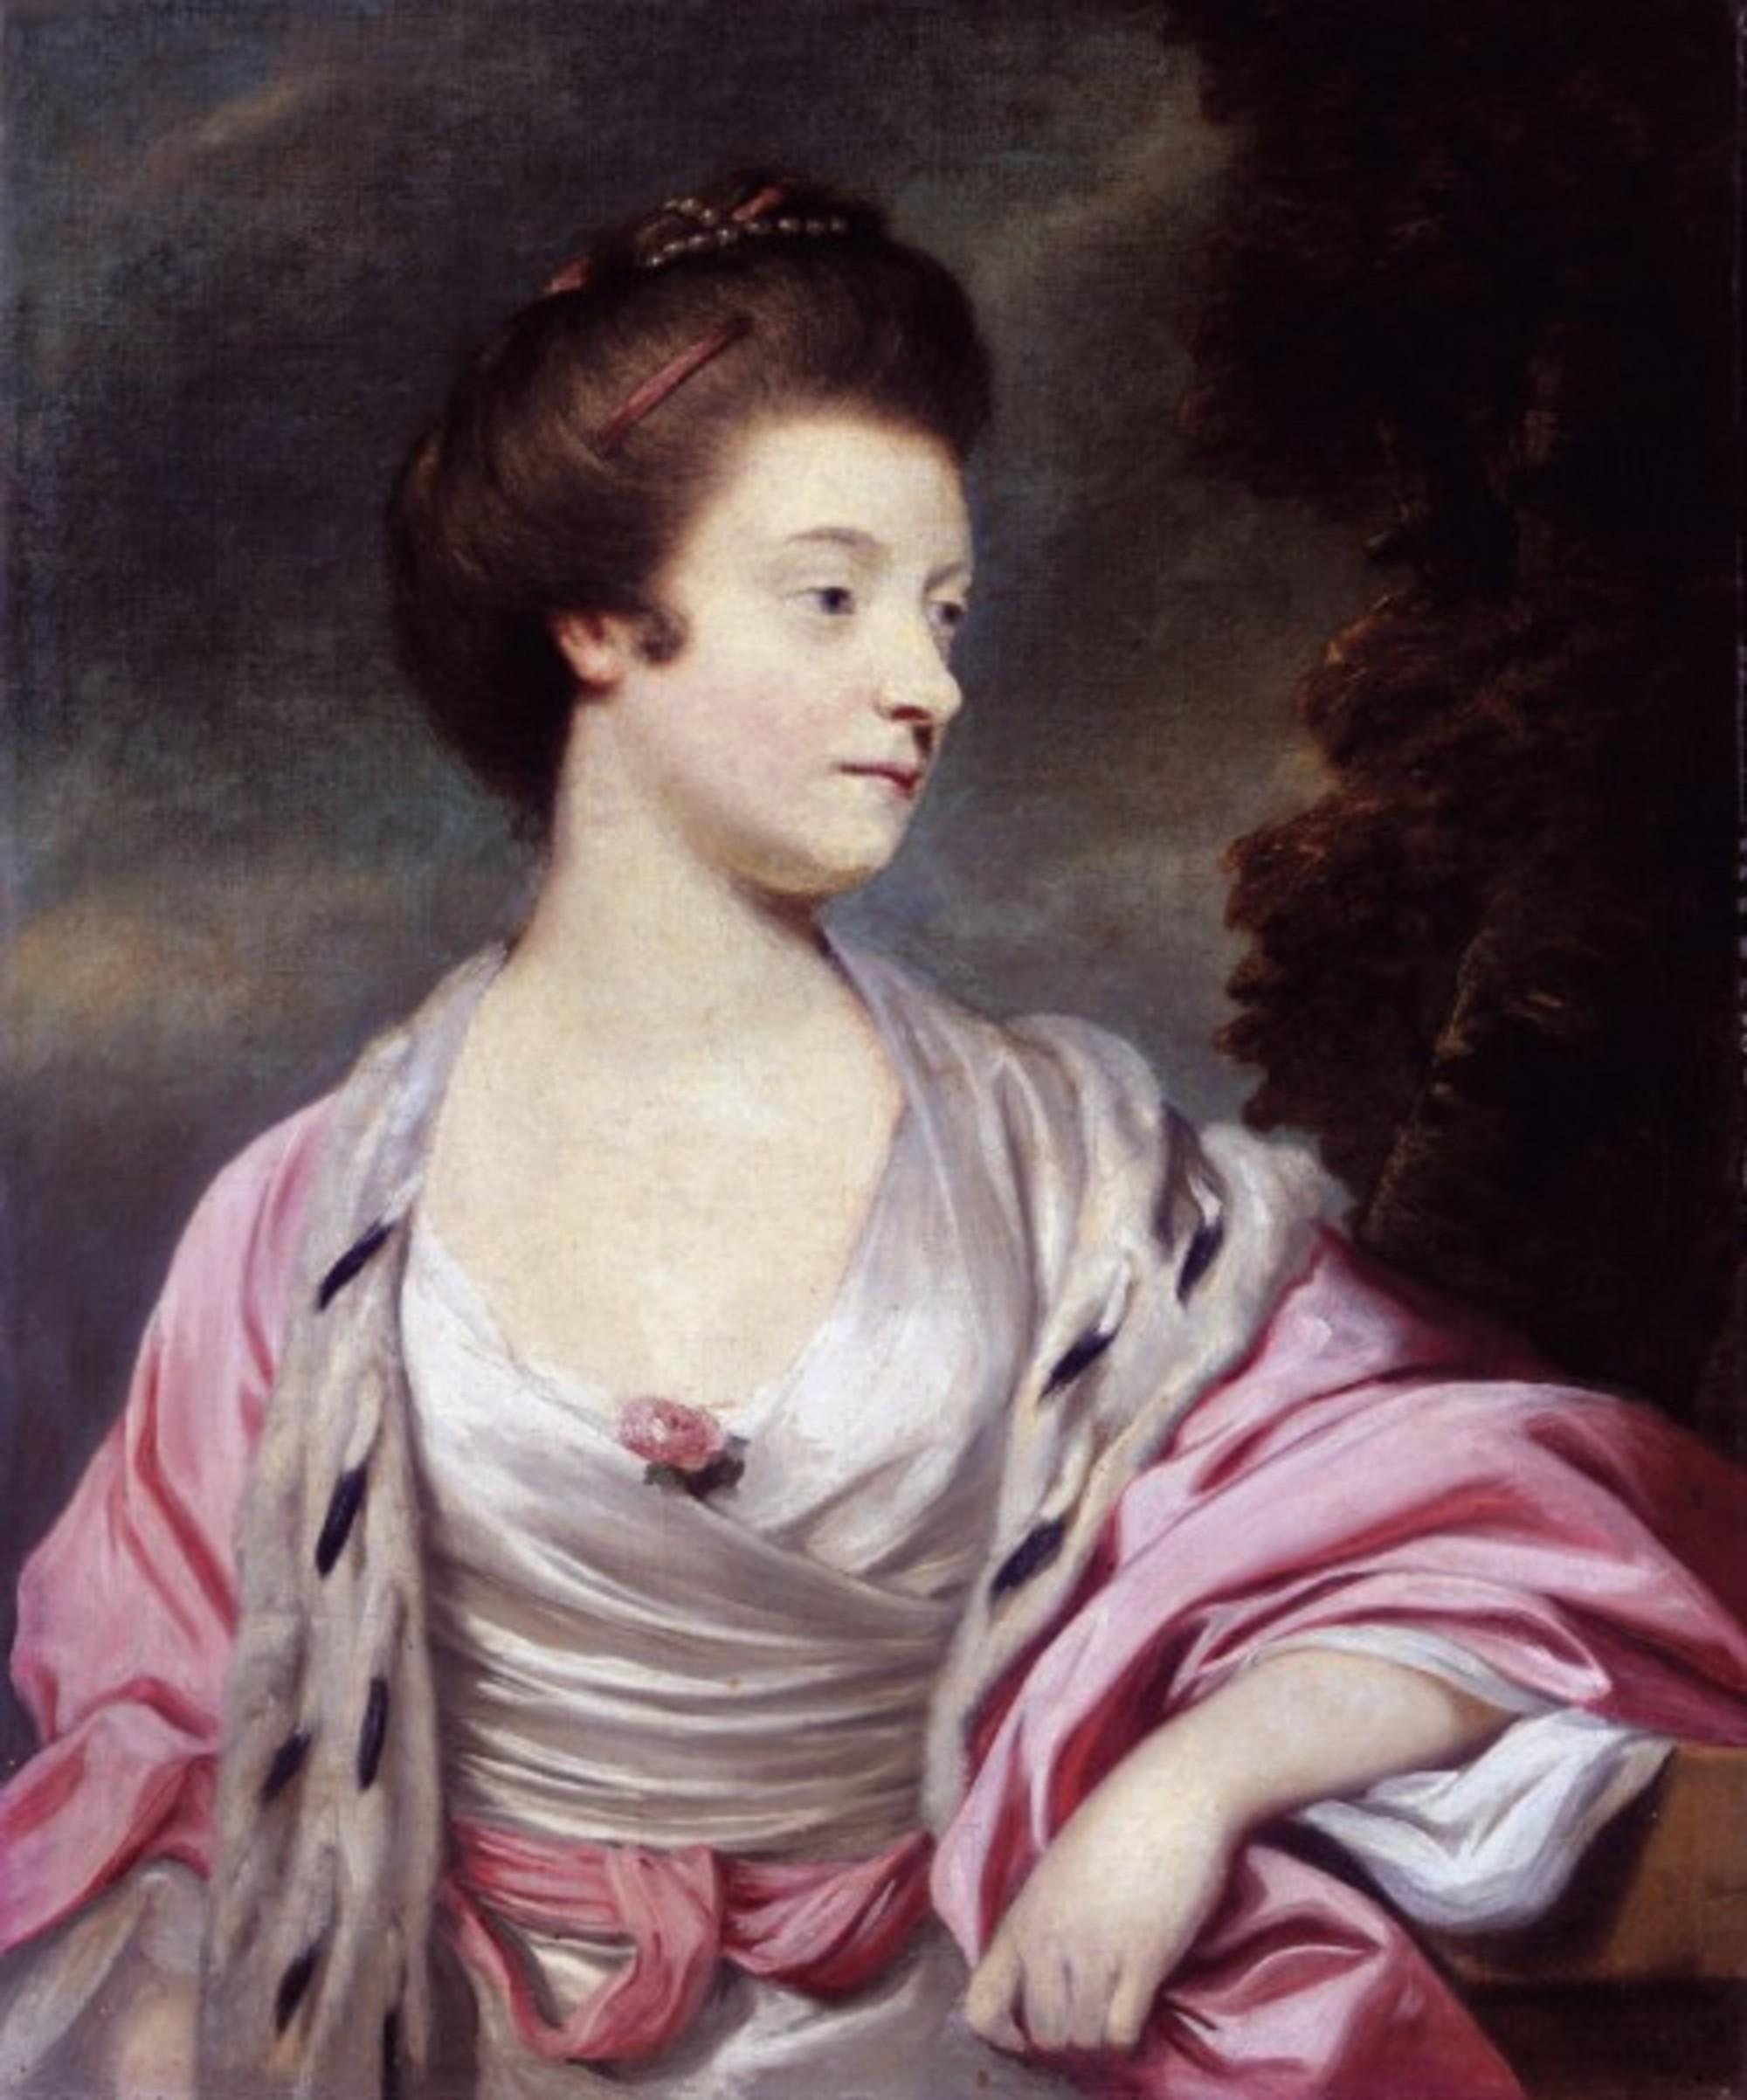 Elizabeth_Lady_Amherst_1740-1830_by_Joshua_Reynolds.jpg